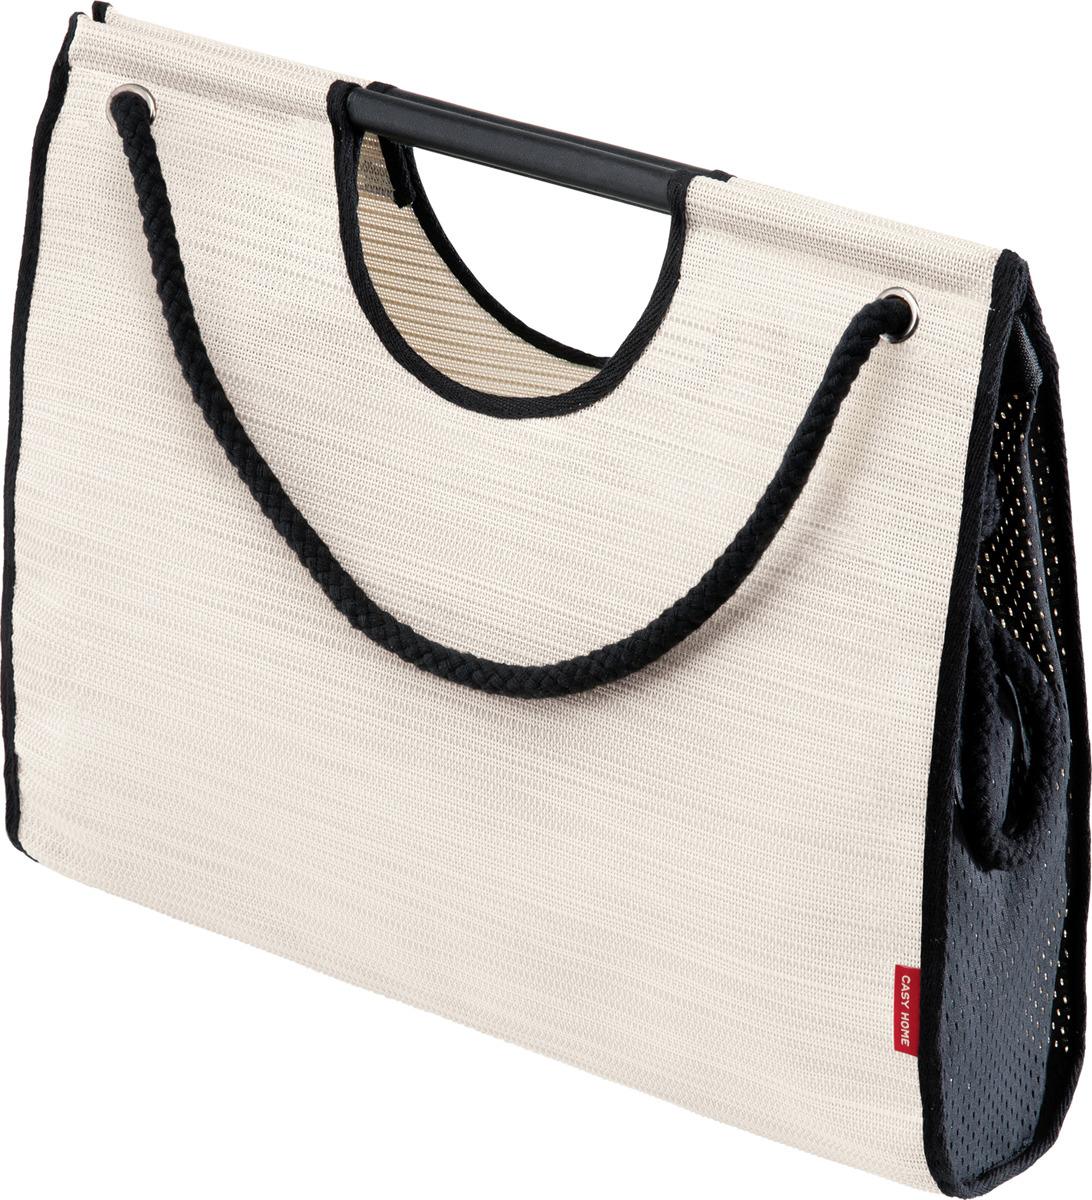 60a98964c81a Самый важный аксессуар во время отпуска вместительная и удобная пляжная  сумка. Она просто незаменима в летний сезон. С такой моделью хоть на  шоппинг, ...